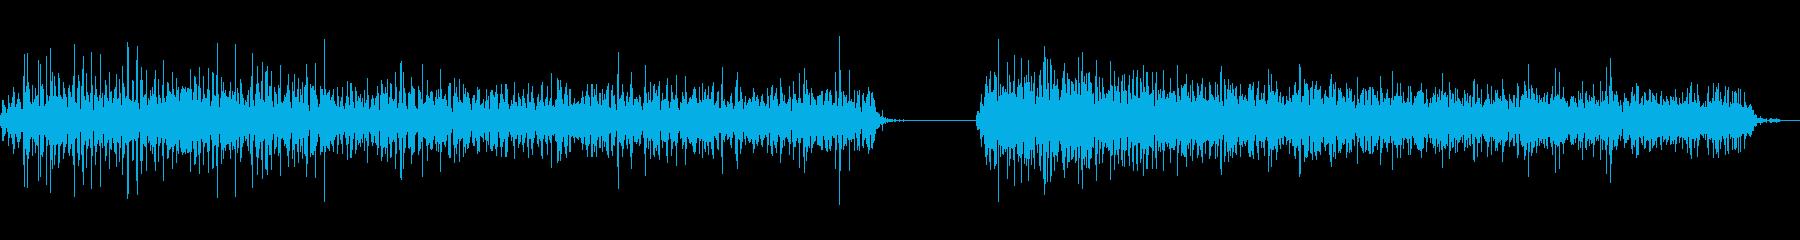 神楽鈴(小)を軽く振る音の再生済みの波形